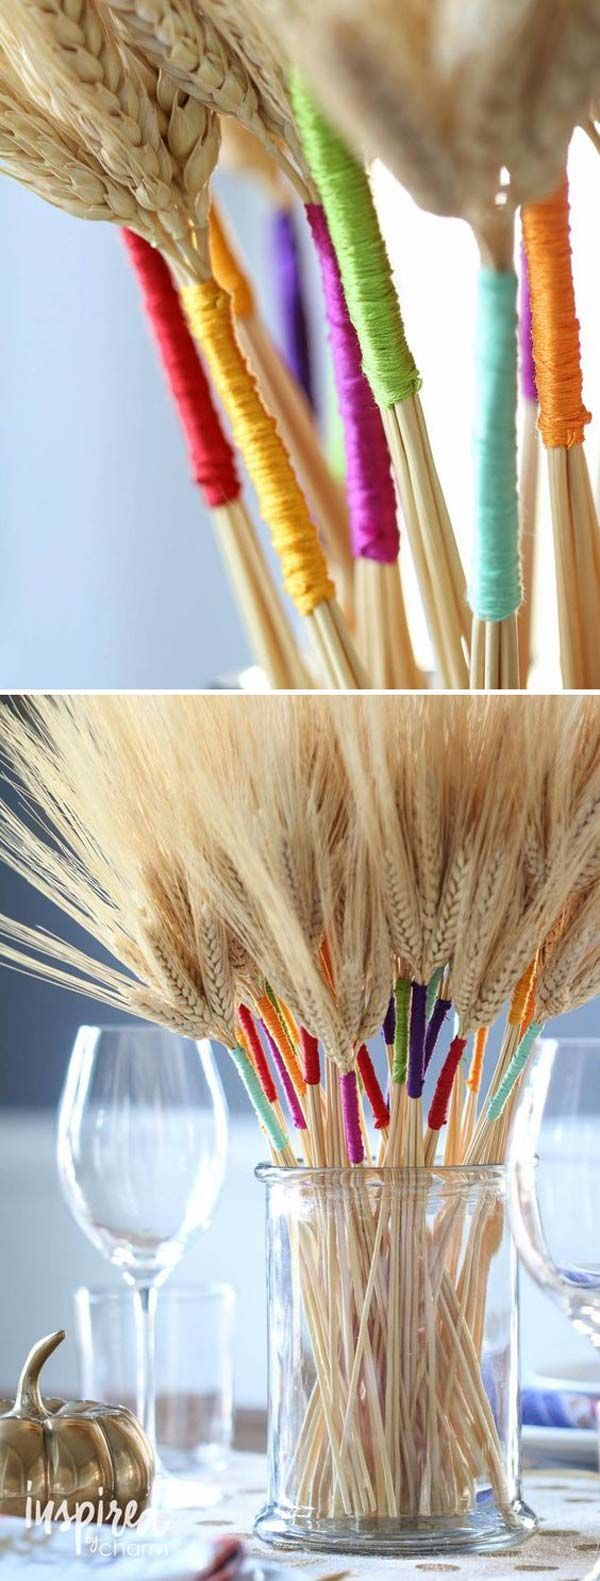 DIY in Farbe umwickelter Weizen ist eine schöne Möglichkeit, Interesse und ein...